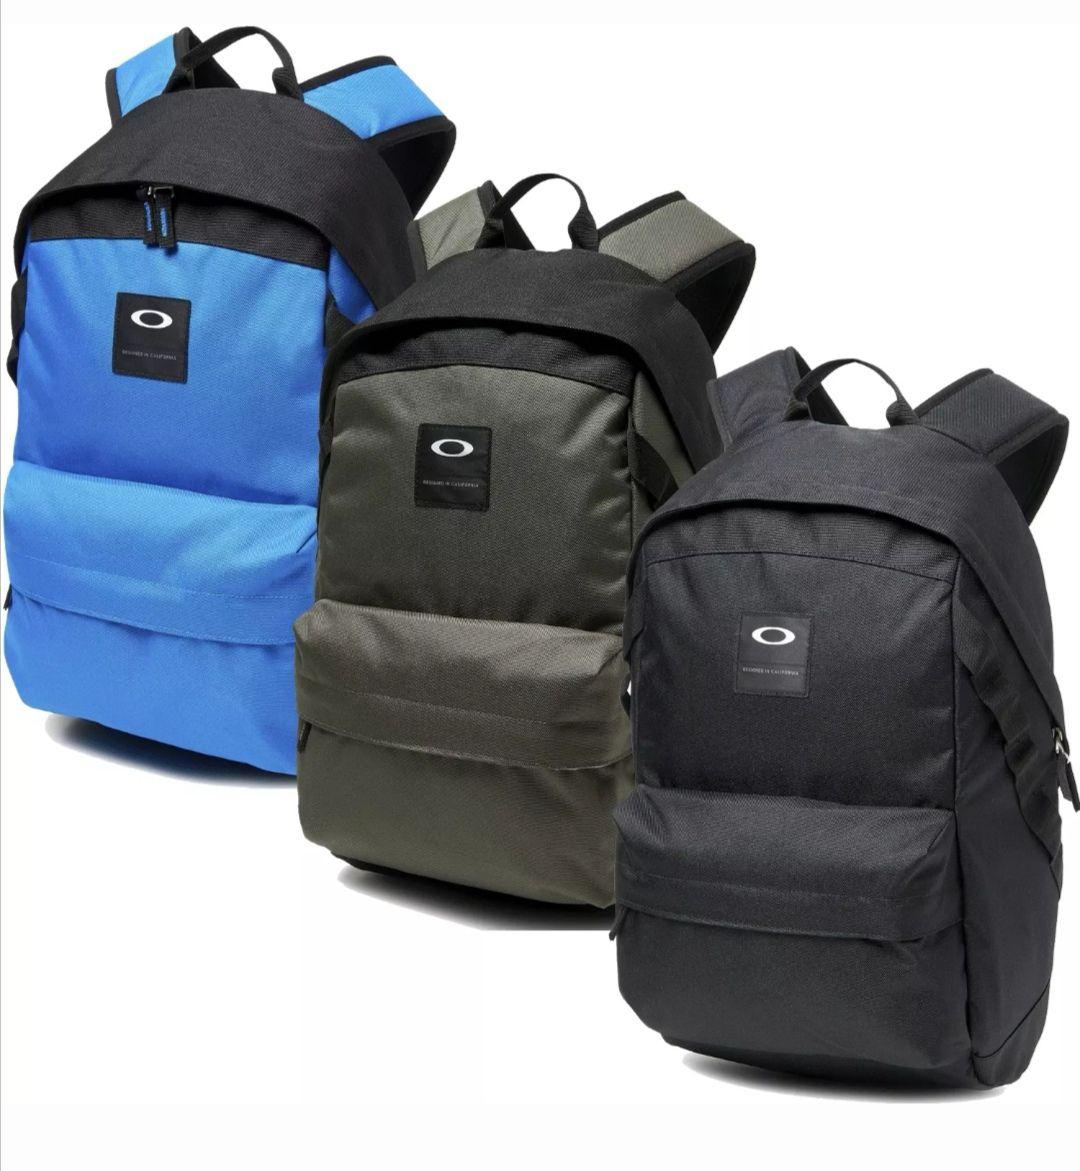 Oakley Holbrook 20L Backpack / Sports Rucksack / School Bag £17.99 Delivered @ Hot Golf / Ebay